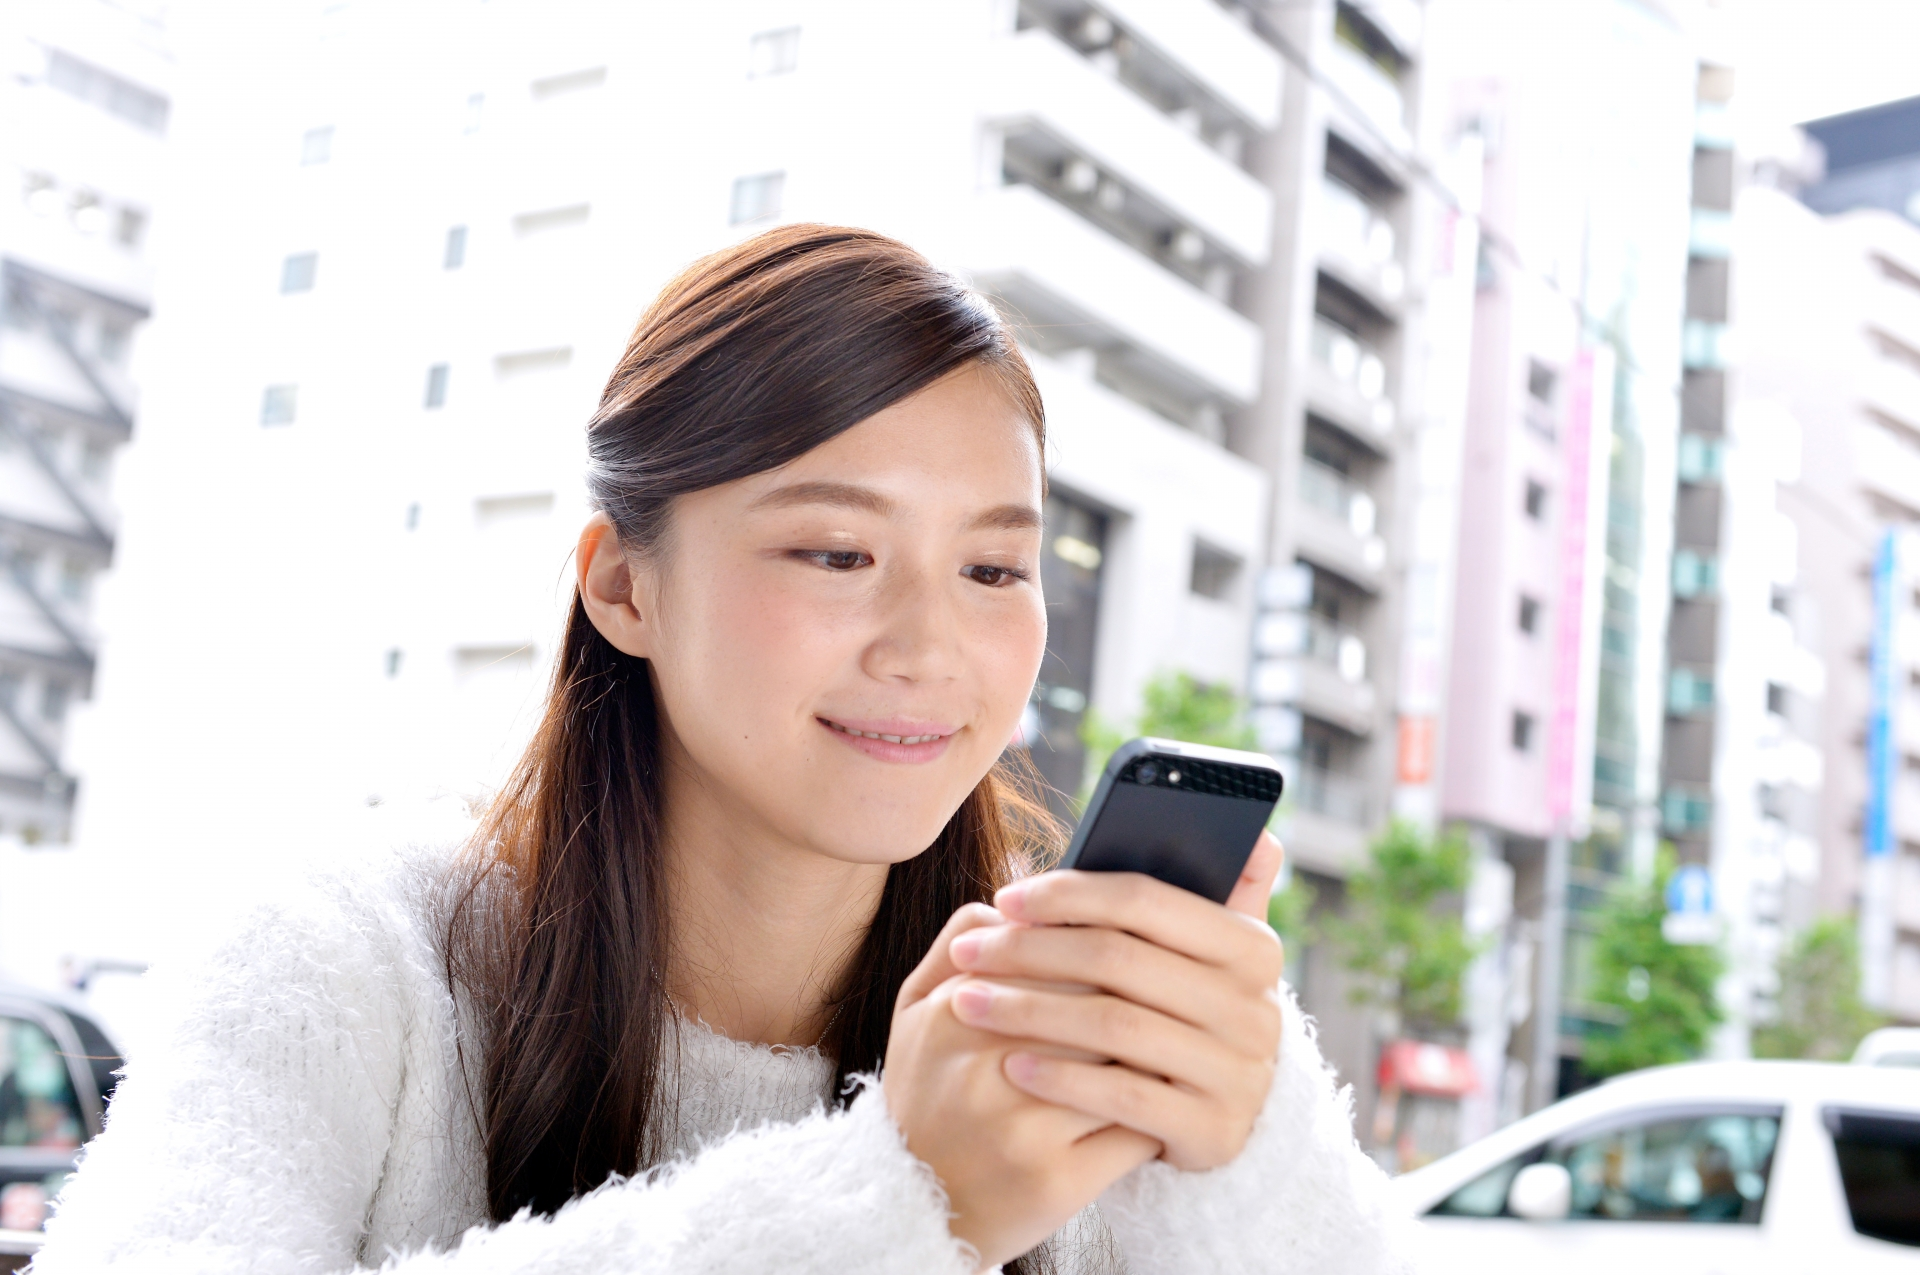 資産の一元管理も! 手のひらでお金の流れを把握できる「家計簿アプリ」